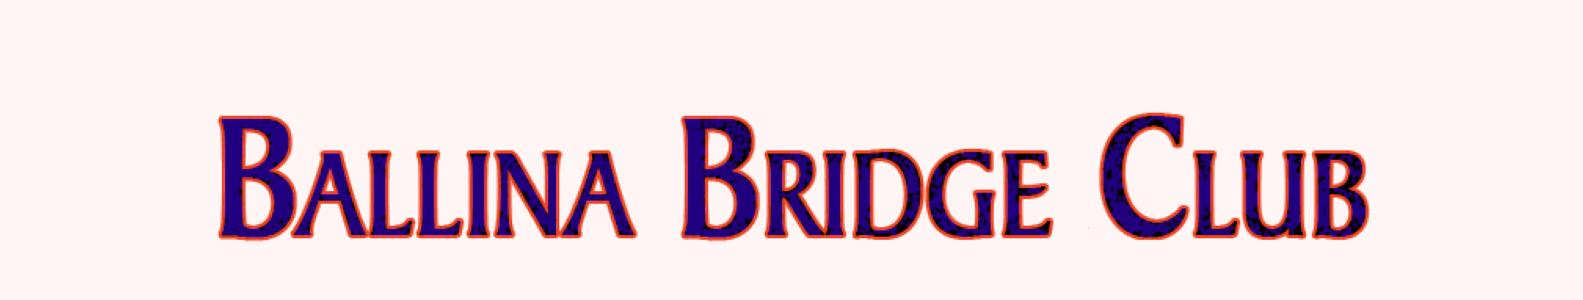 How to Enter Ballina Bridge Club Games